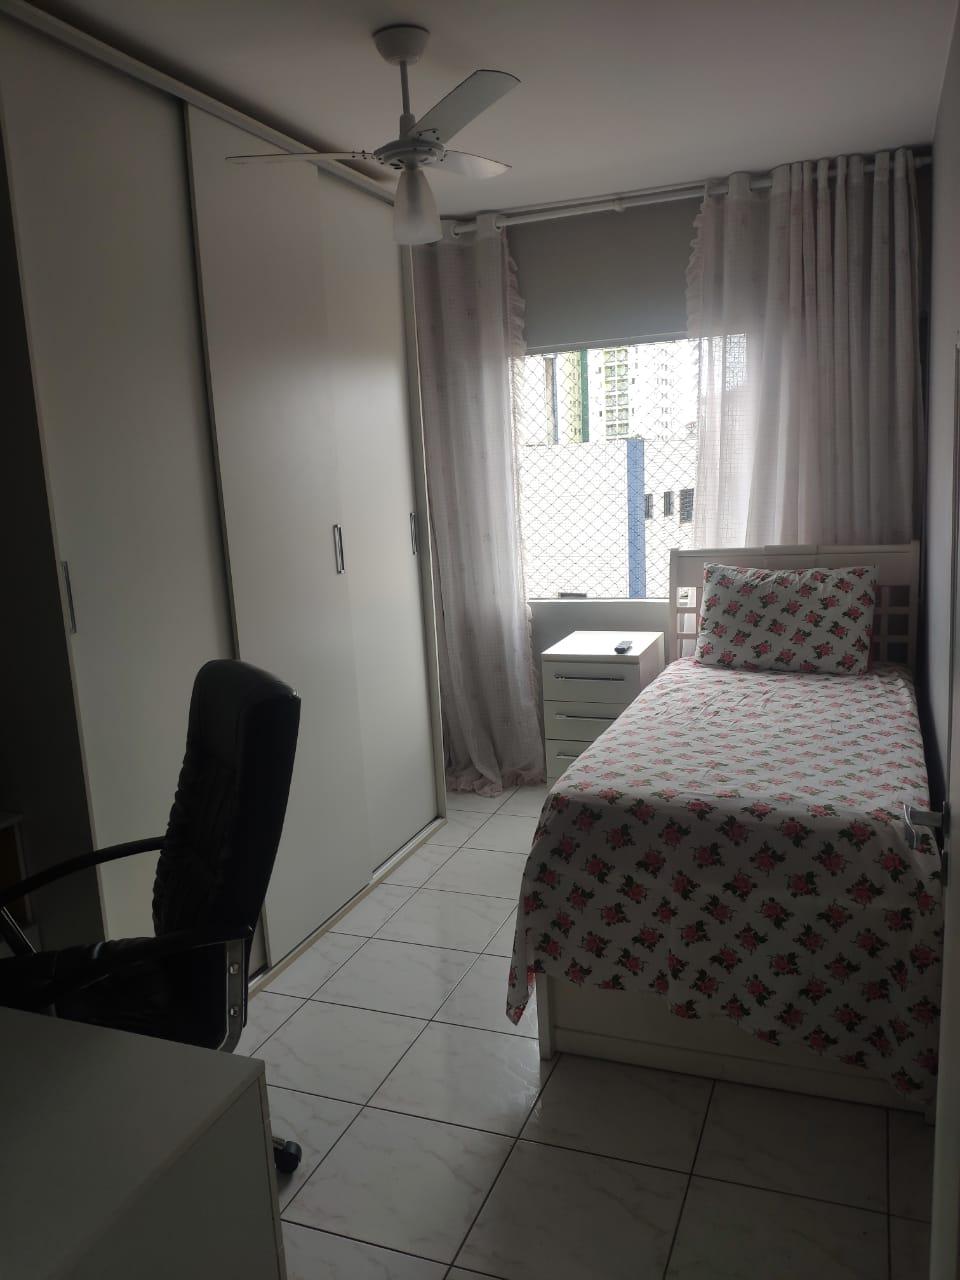 Apartamento 3 dormitórios bem arejado, iluminado, todo reformado, com piso frio e papel de parede,garagem fechada. - foto 2